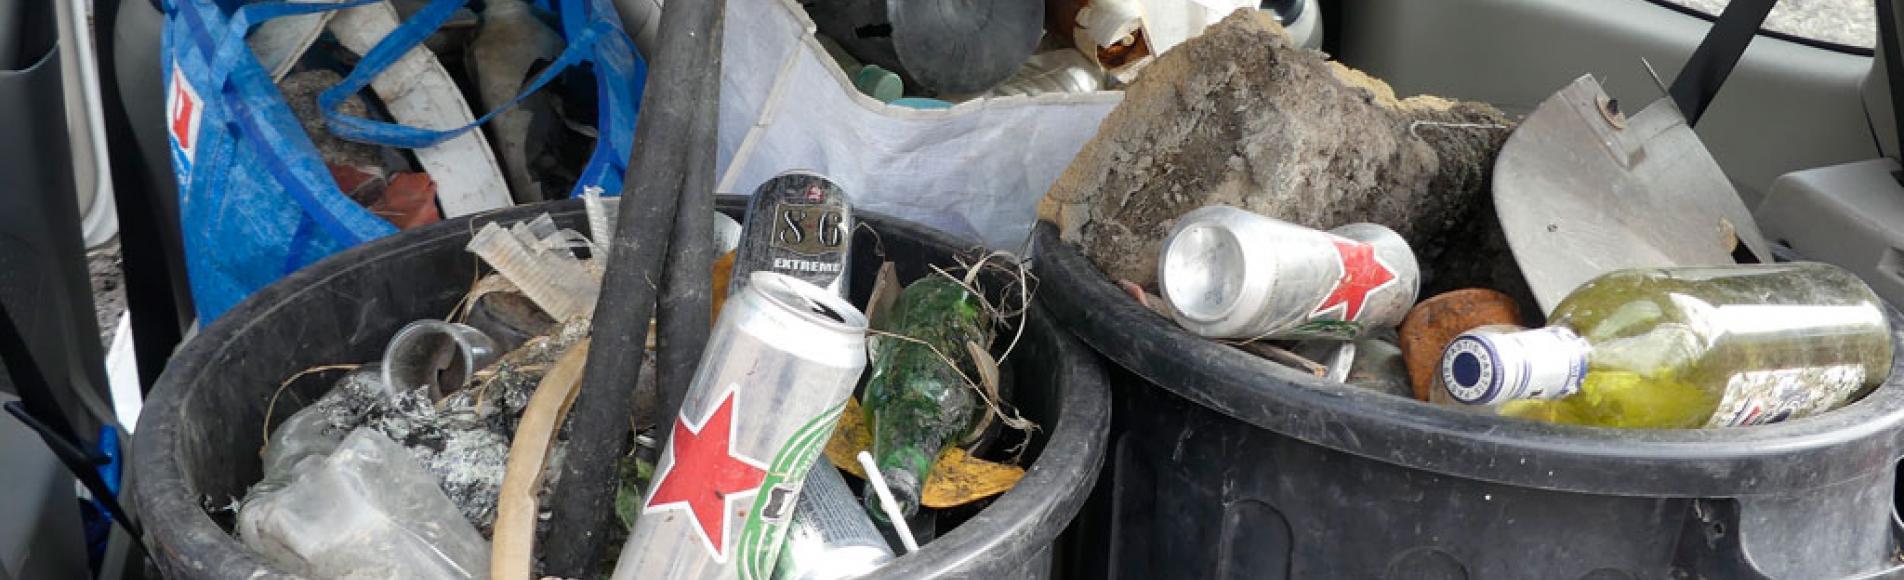 opération de nettoyage LPO Embrun - 2017 retenue Serre-Ponçon